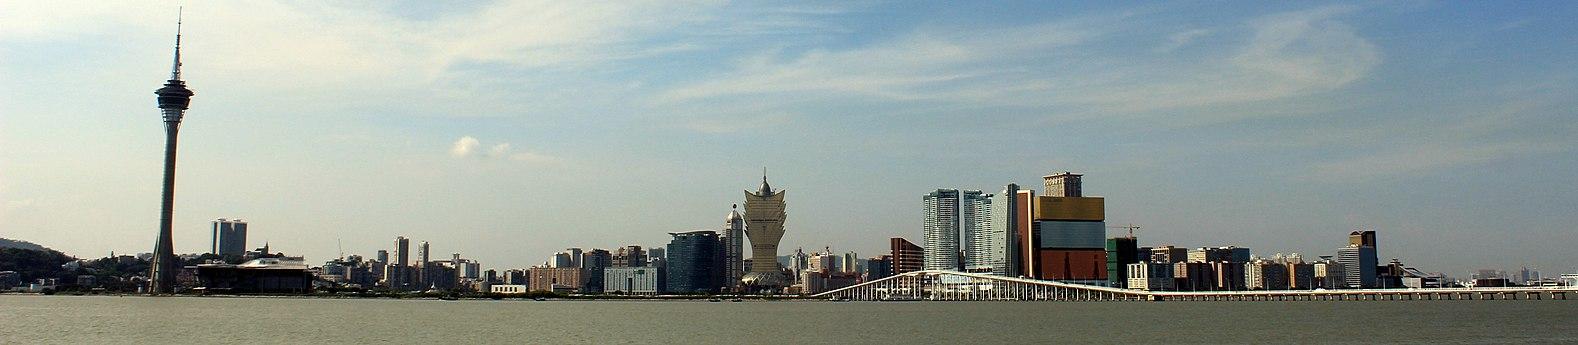 Macau skyline 2013 (panorama).JPG